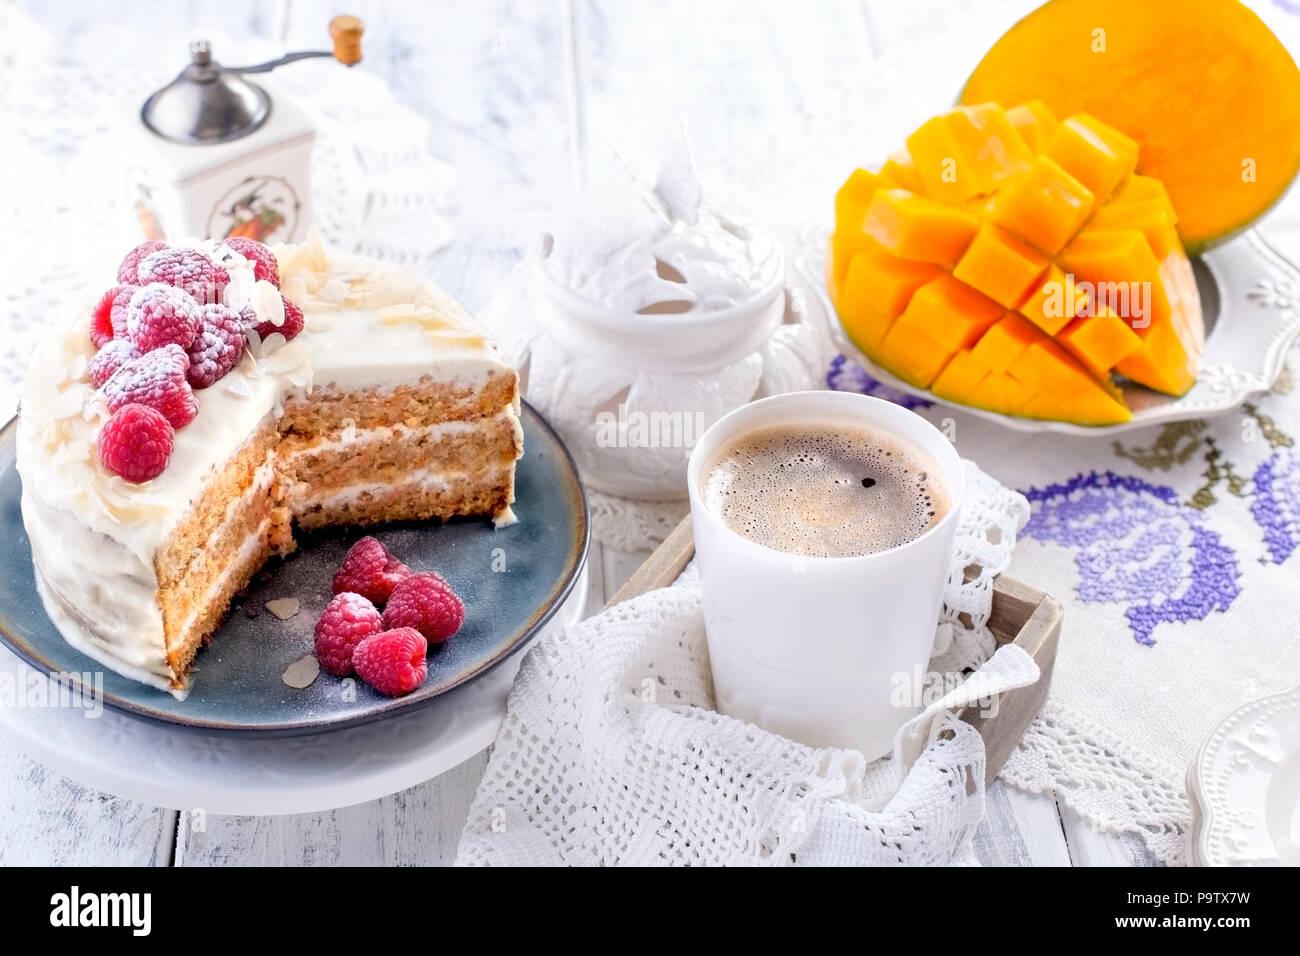 Tagliare la torta con crema bianca per la prima colazione. Un frutto di mango. Sfondo bianco, tovaglia con pizzo, una tazza di fragranti caffè nero e spazio libero per il testo o per la pubblicità. Immagini Stock